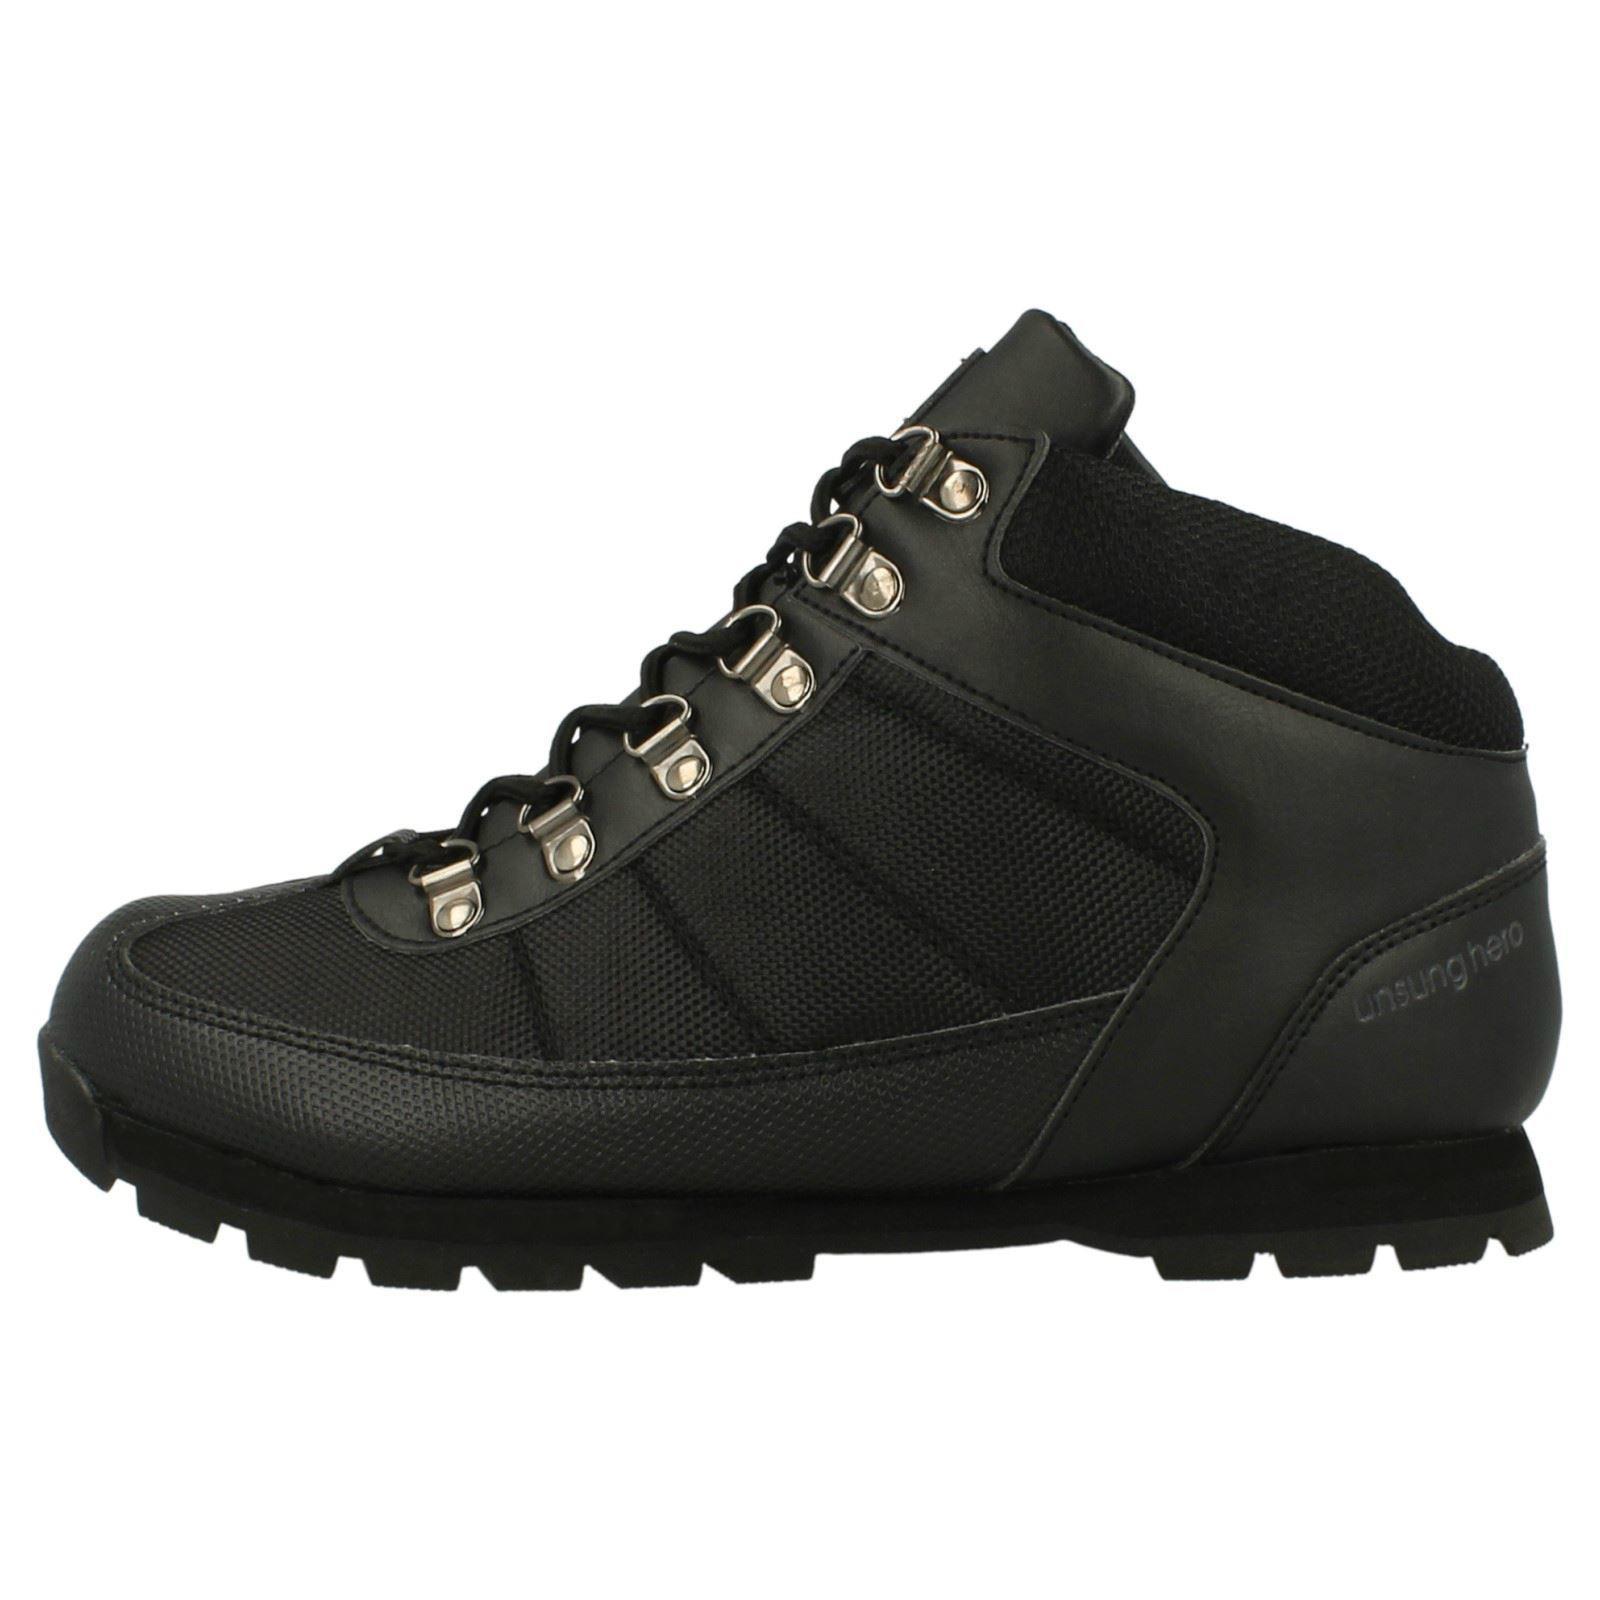 Henleys-unsunghero-Para-hombre-Botas-para-Caminar-Con-Cordones-Zapatos-De-Invierno-Al-Aire-Libre-7 miniatura 10